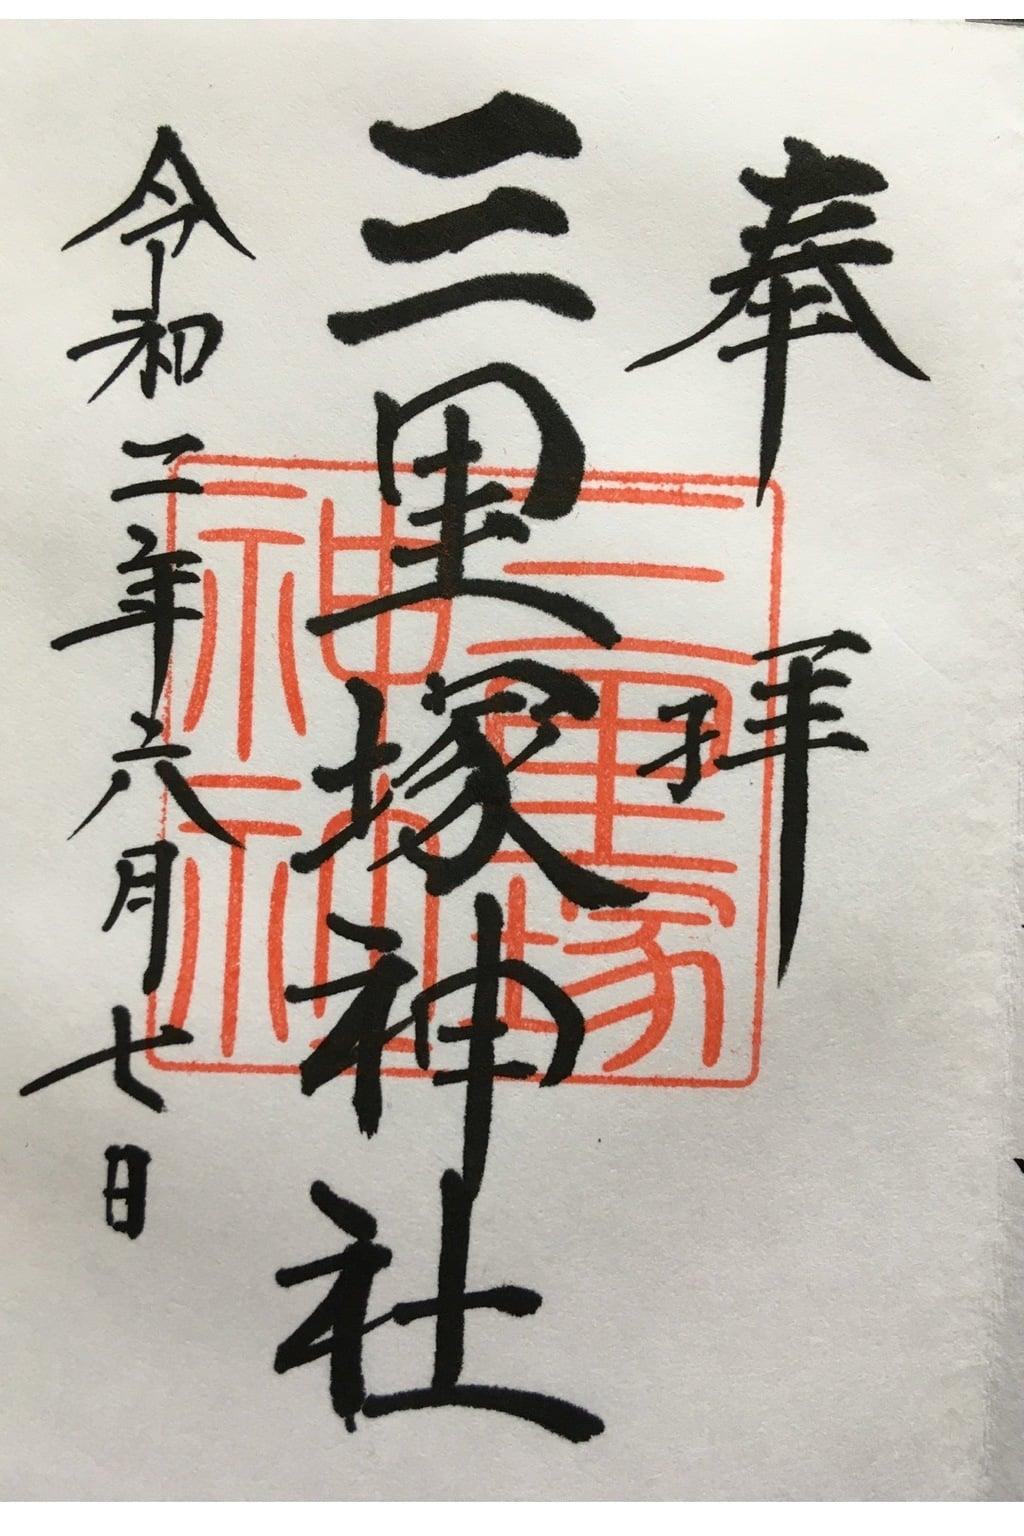 三里塚神社の御朱印